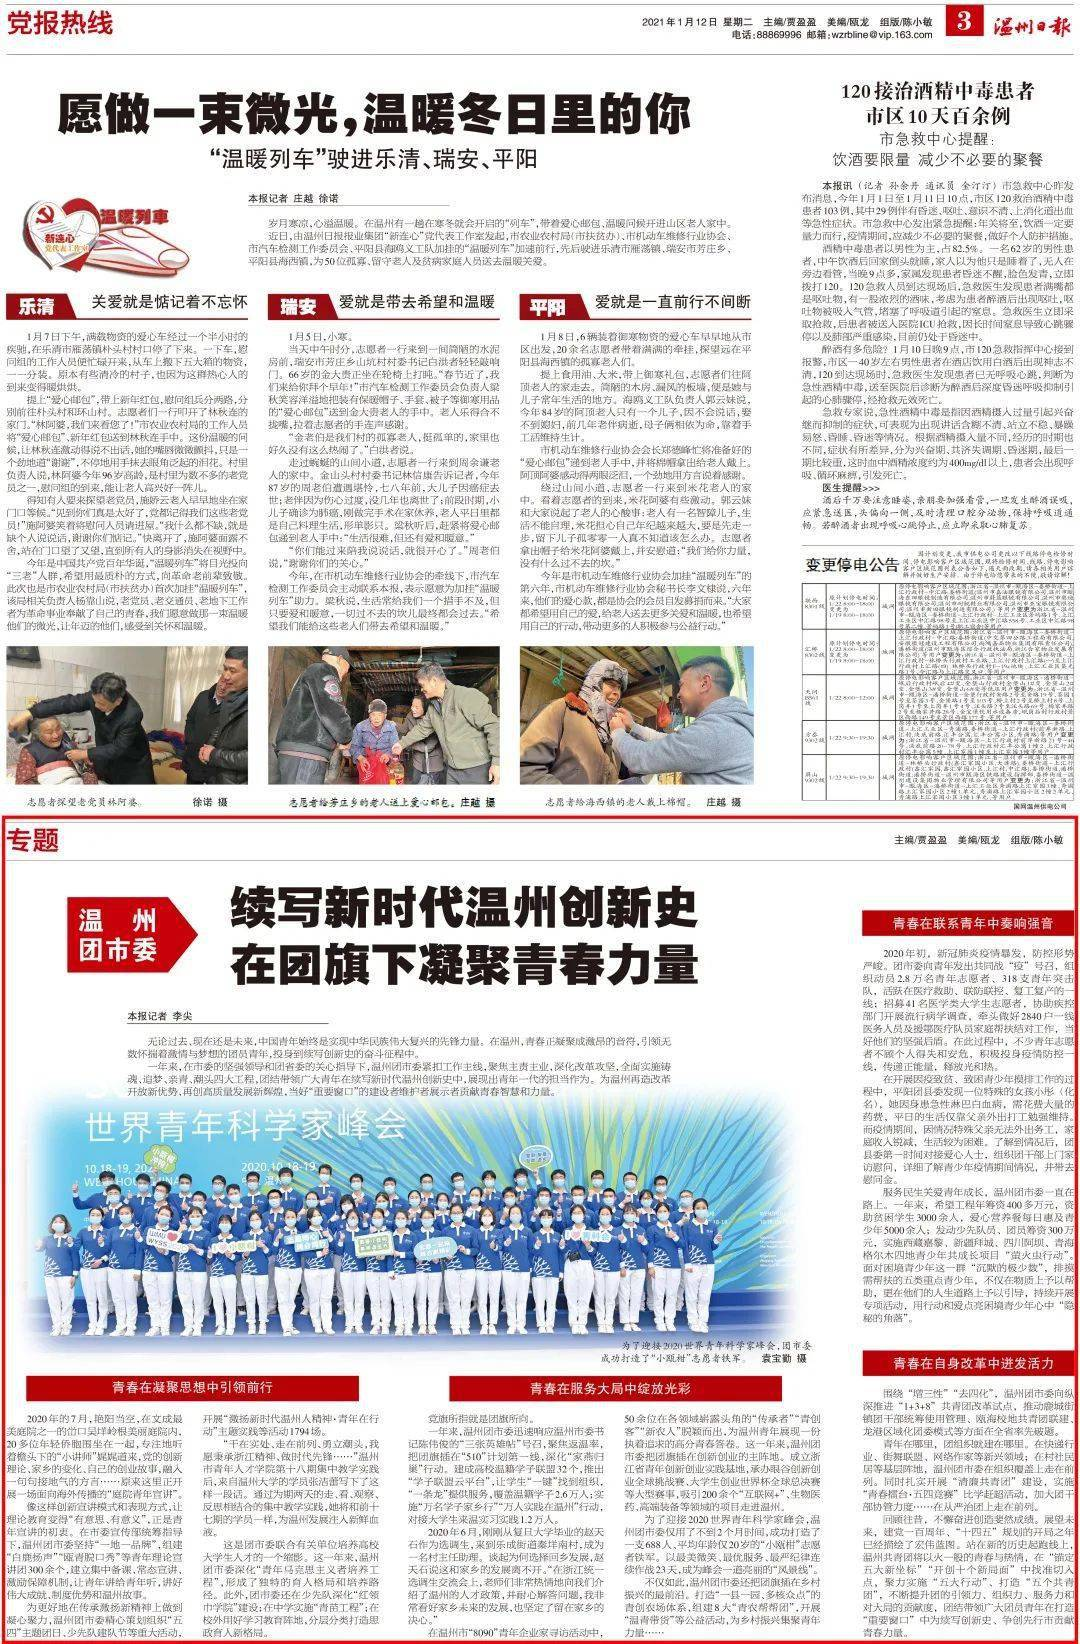 温州日报:续写新时代温州创新史,在团旗下凝聚青春力量